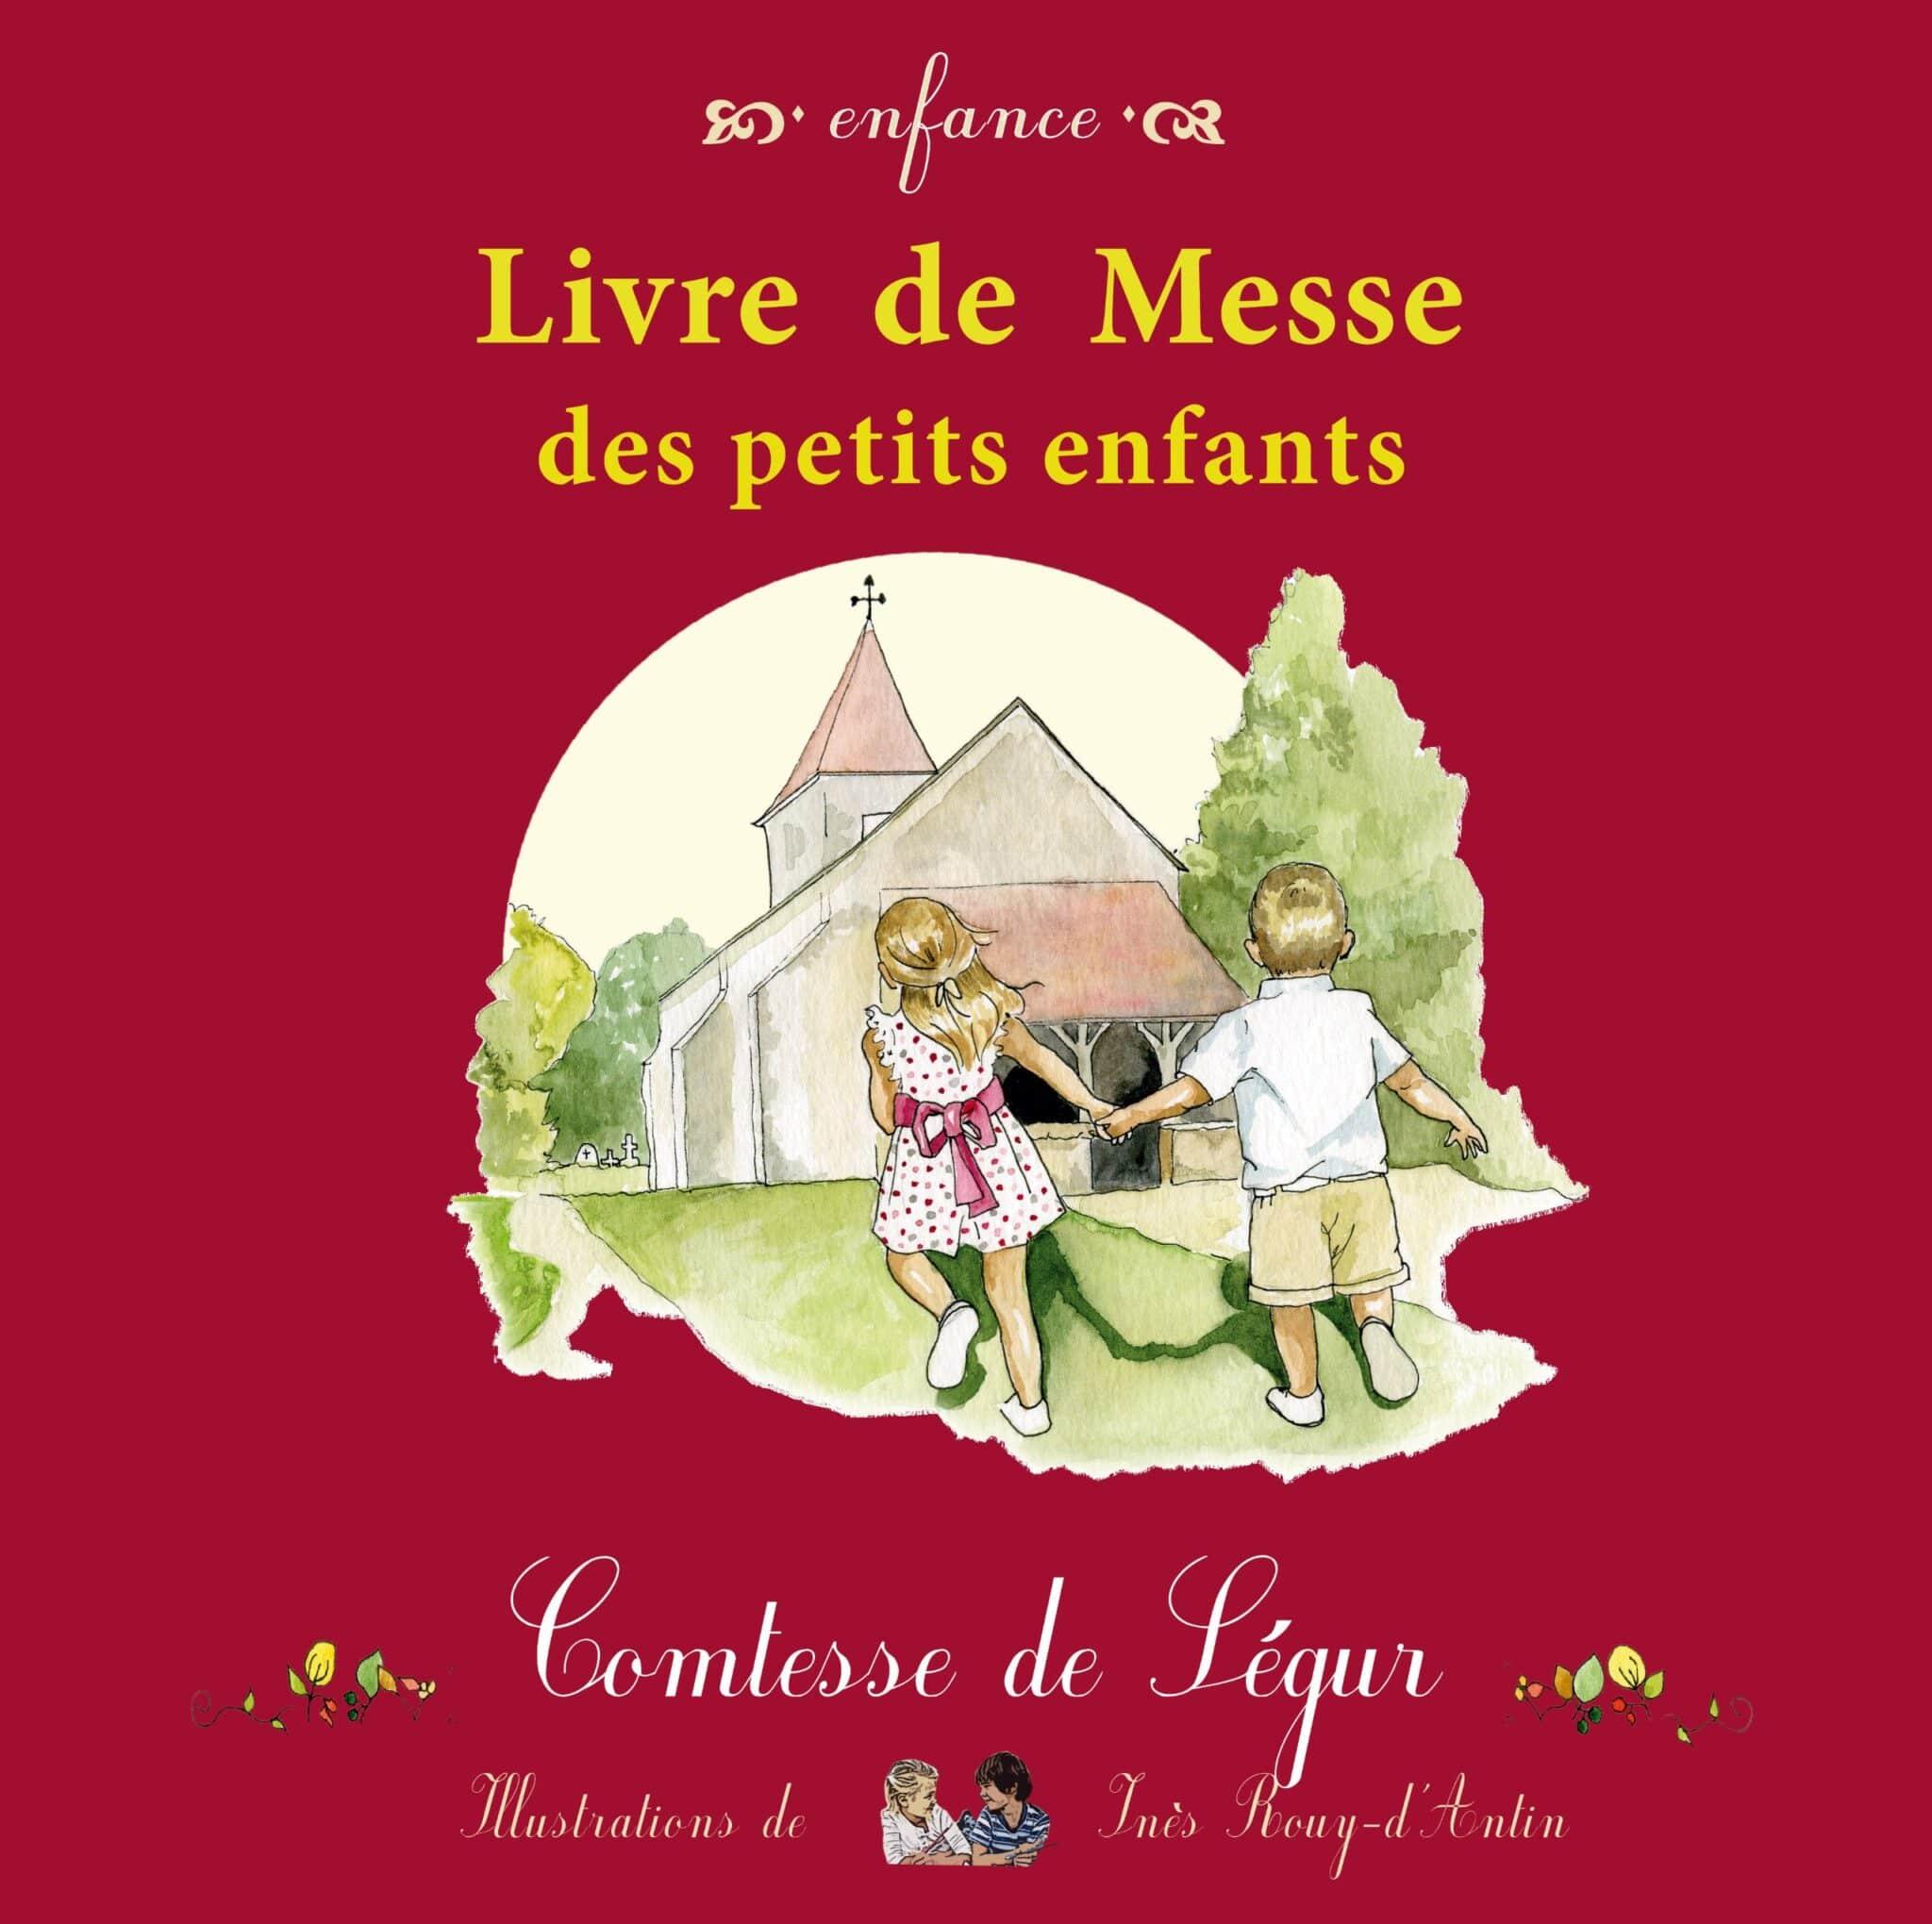 Couverture livre de messe des petits enfants